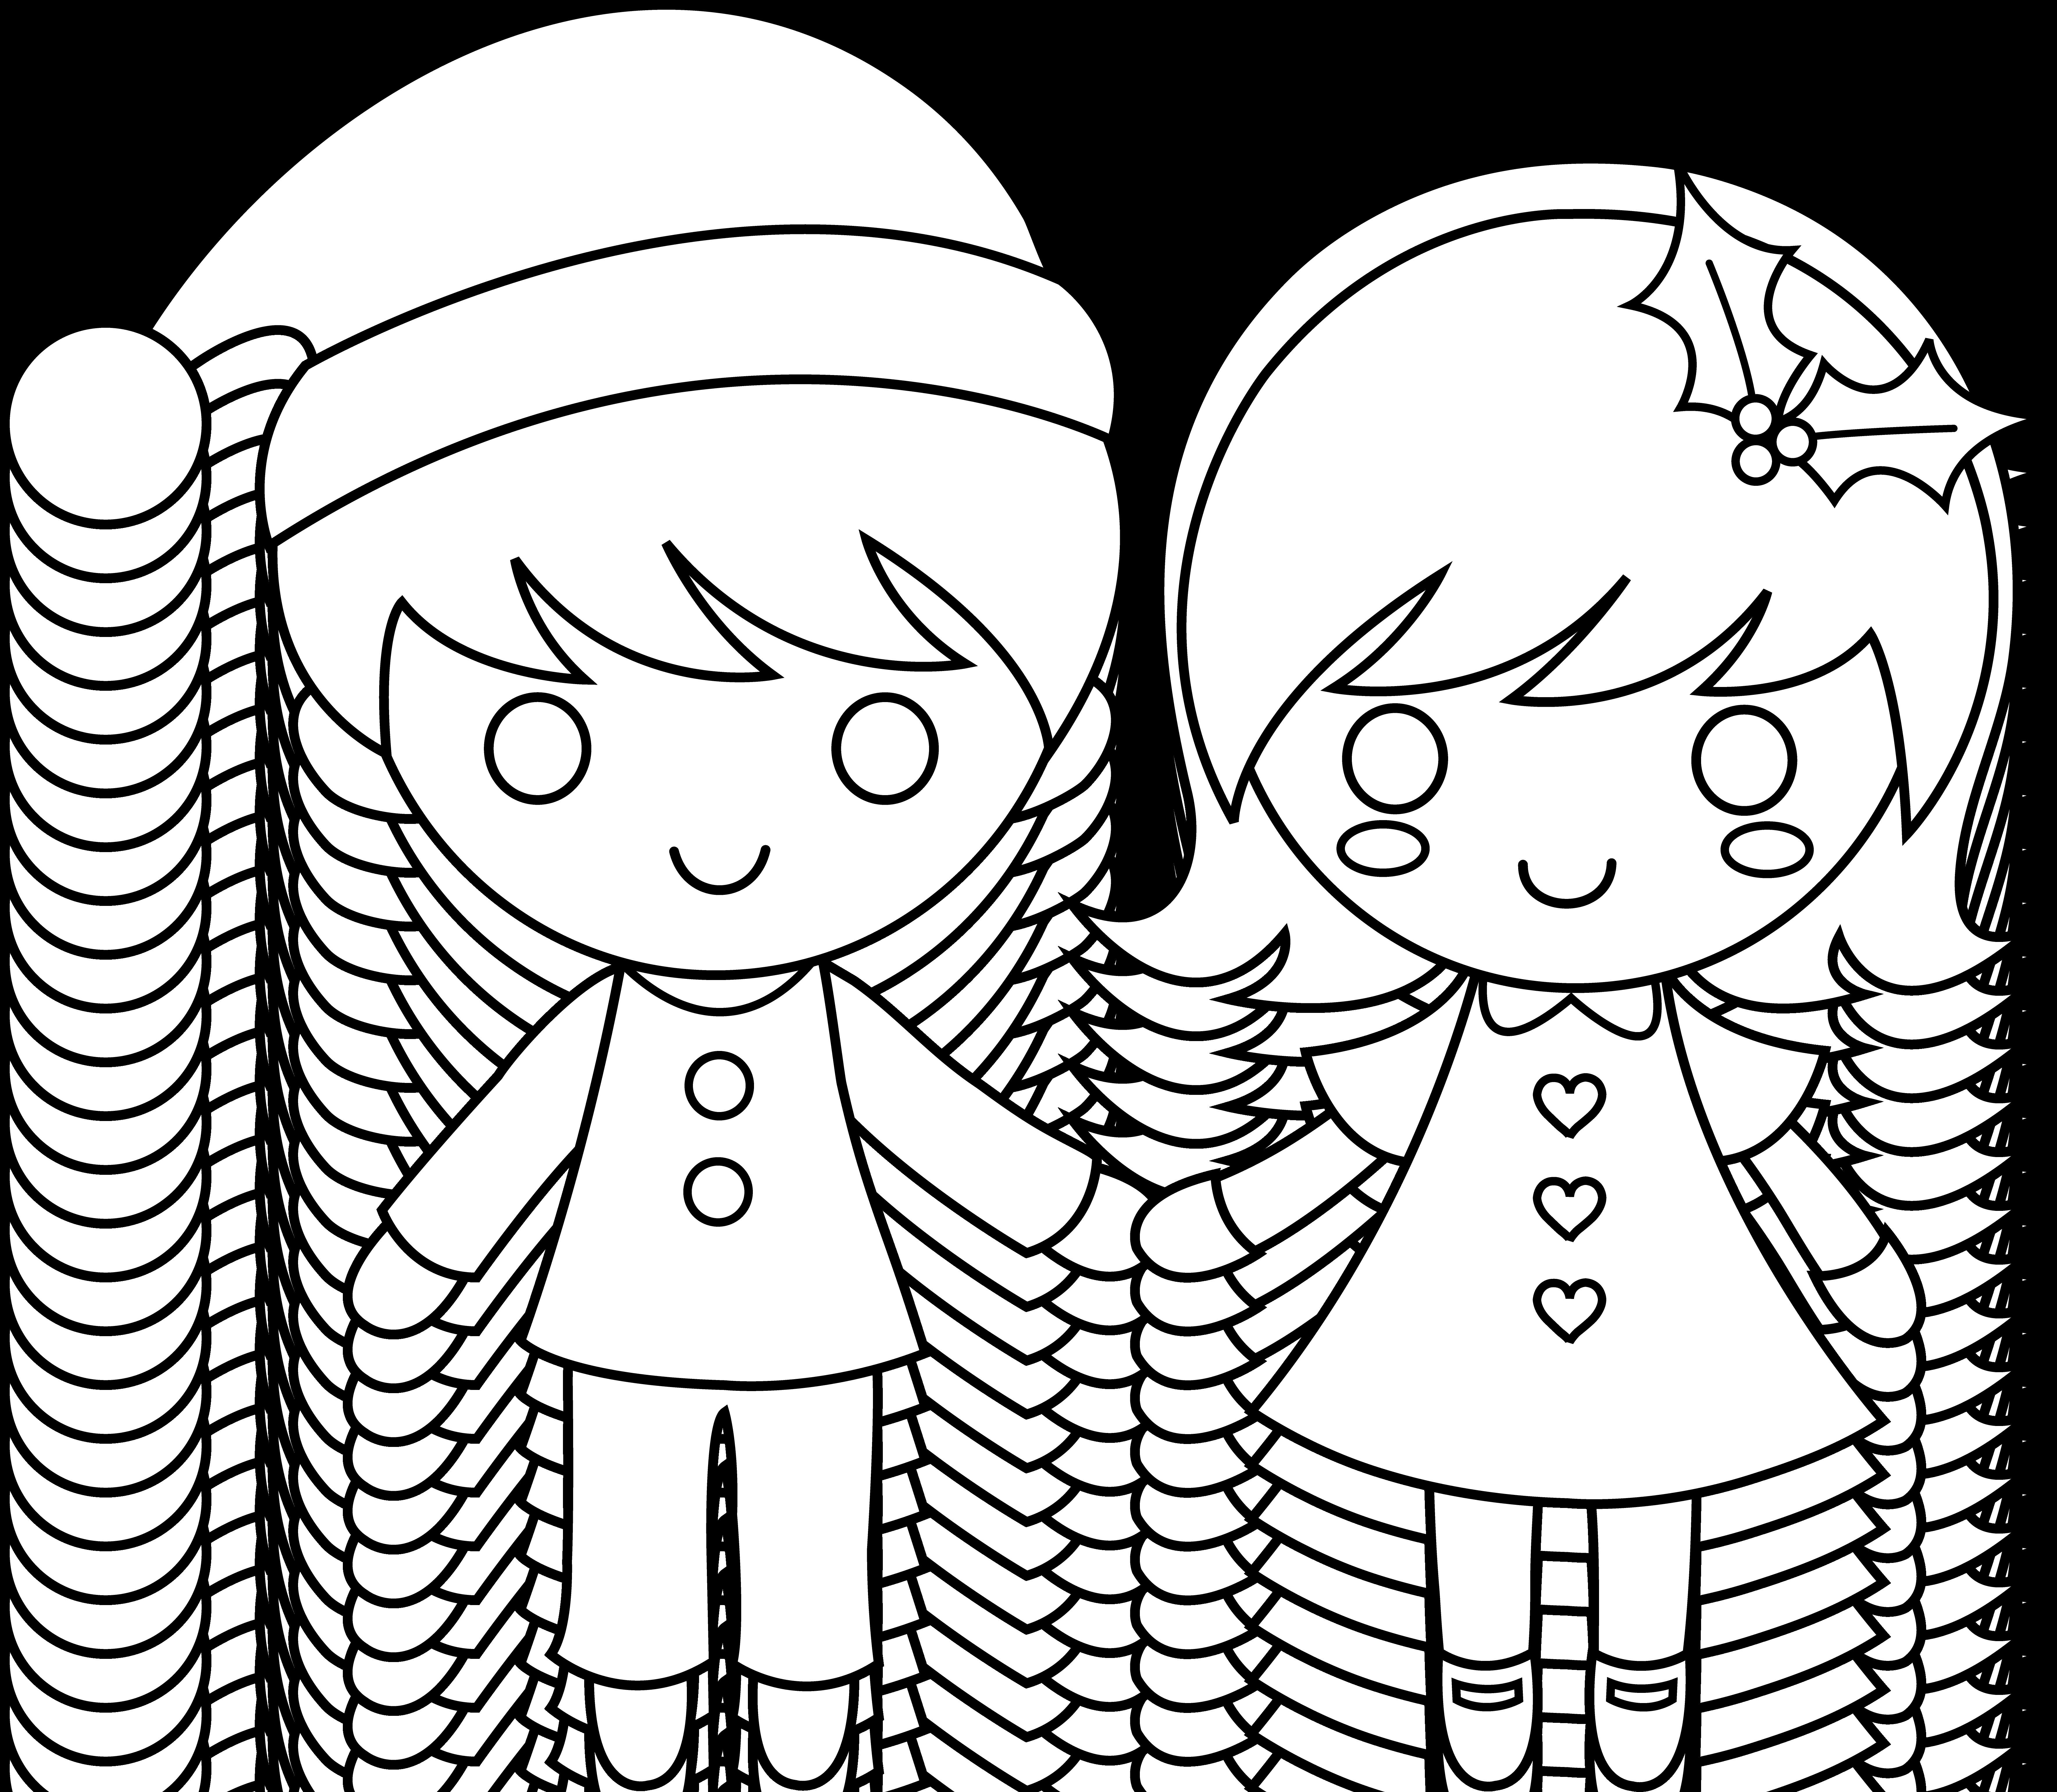 7074x6164 Christmas Kids Line Art